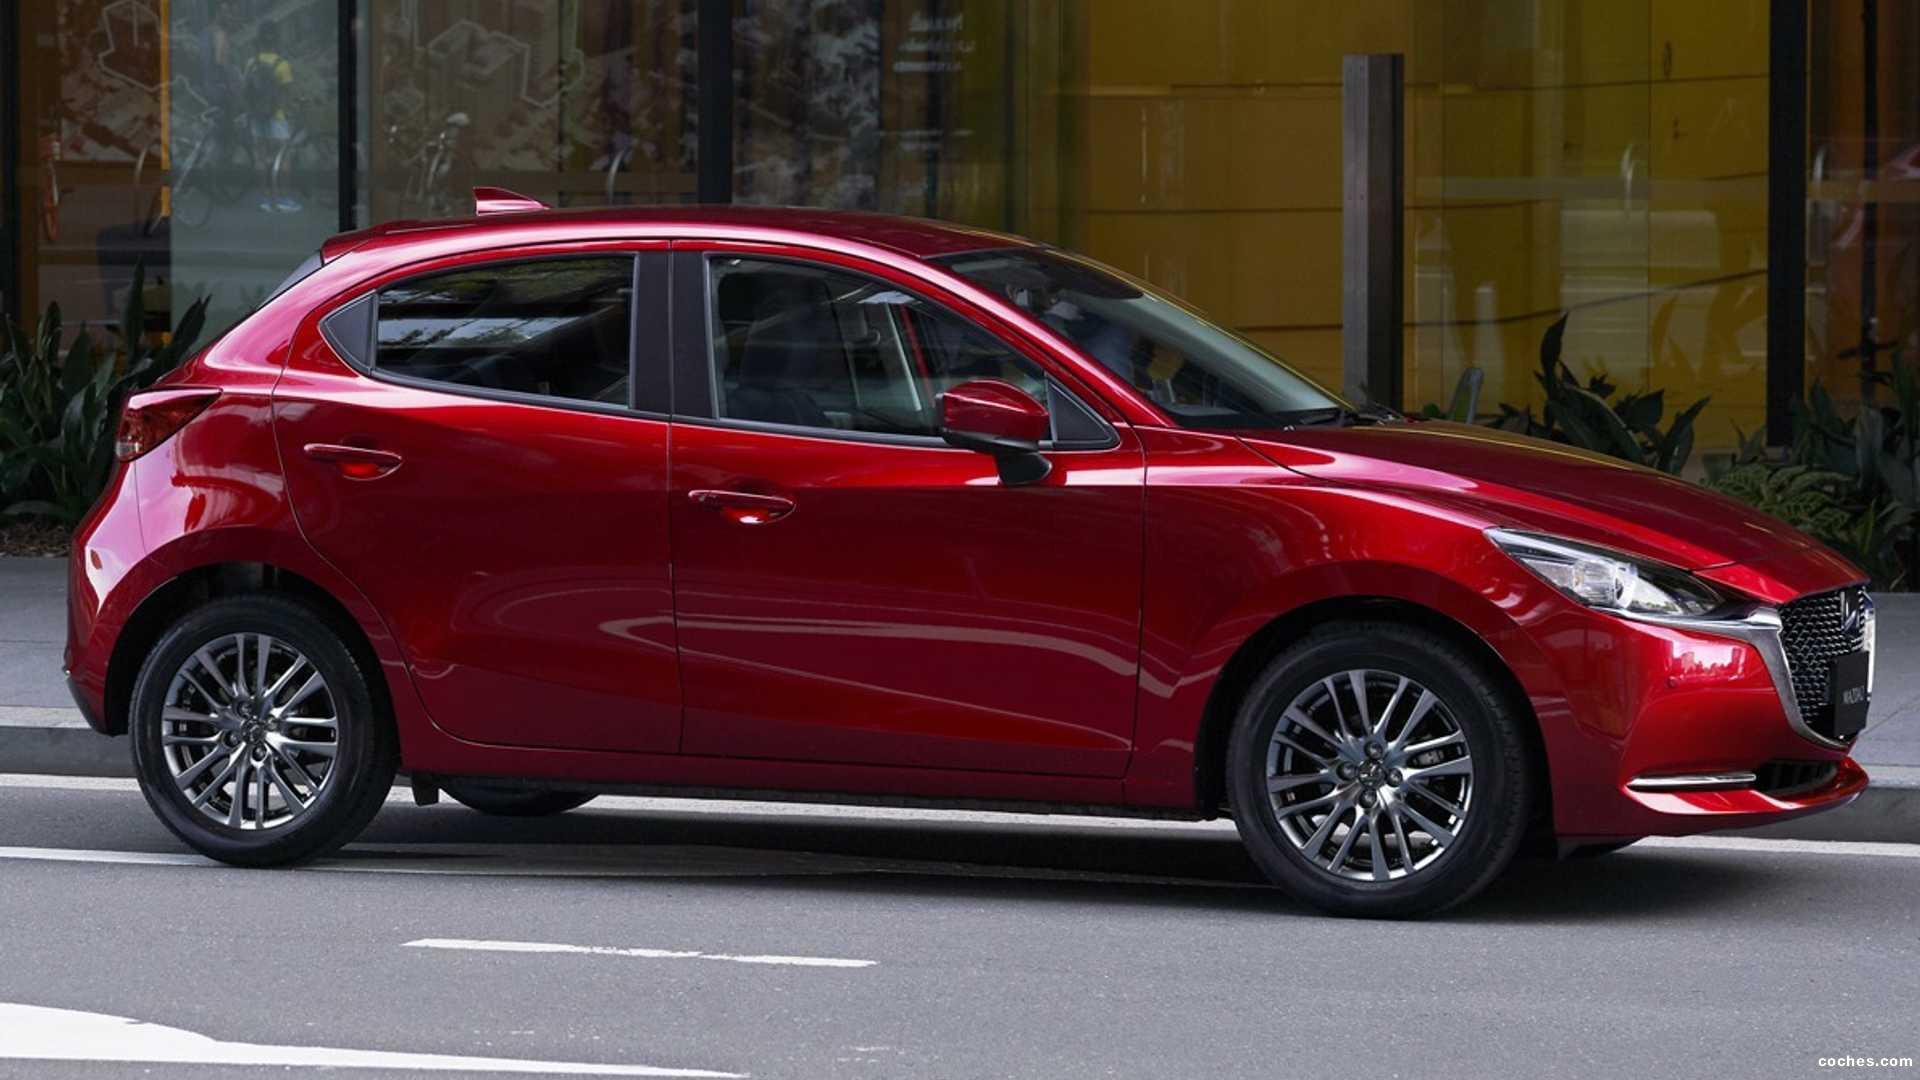 Foto 0 de Mazda 2 2020